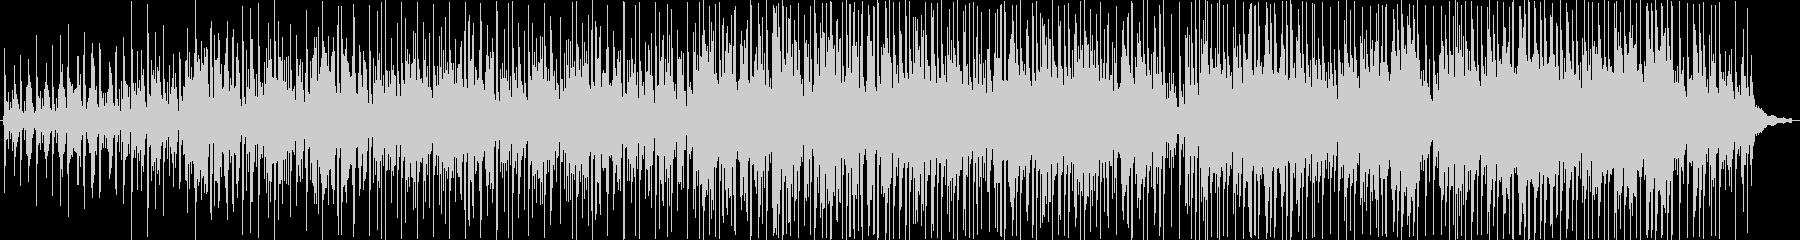 アンプラグド アコースティックギタ...の未再生の波形